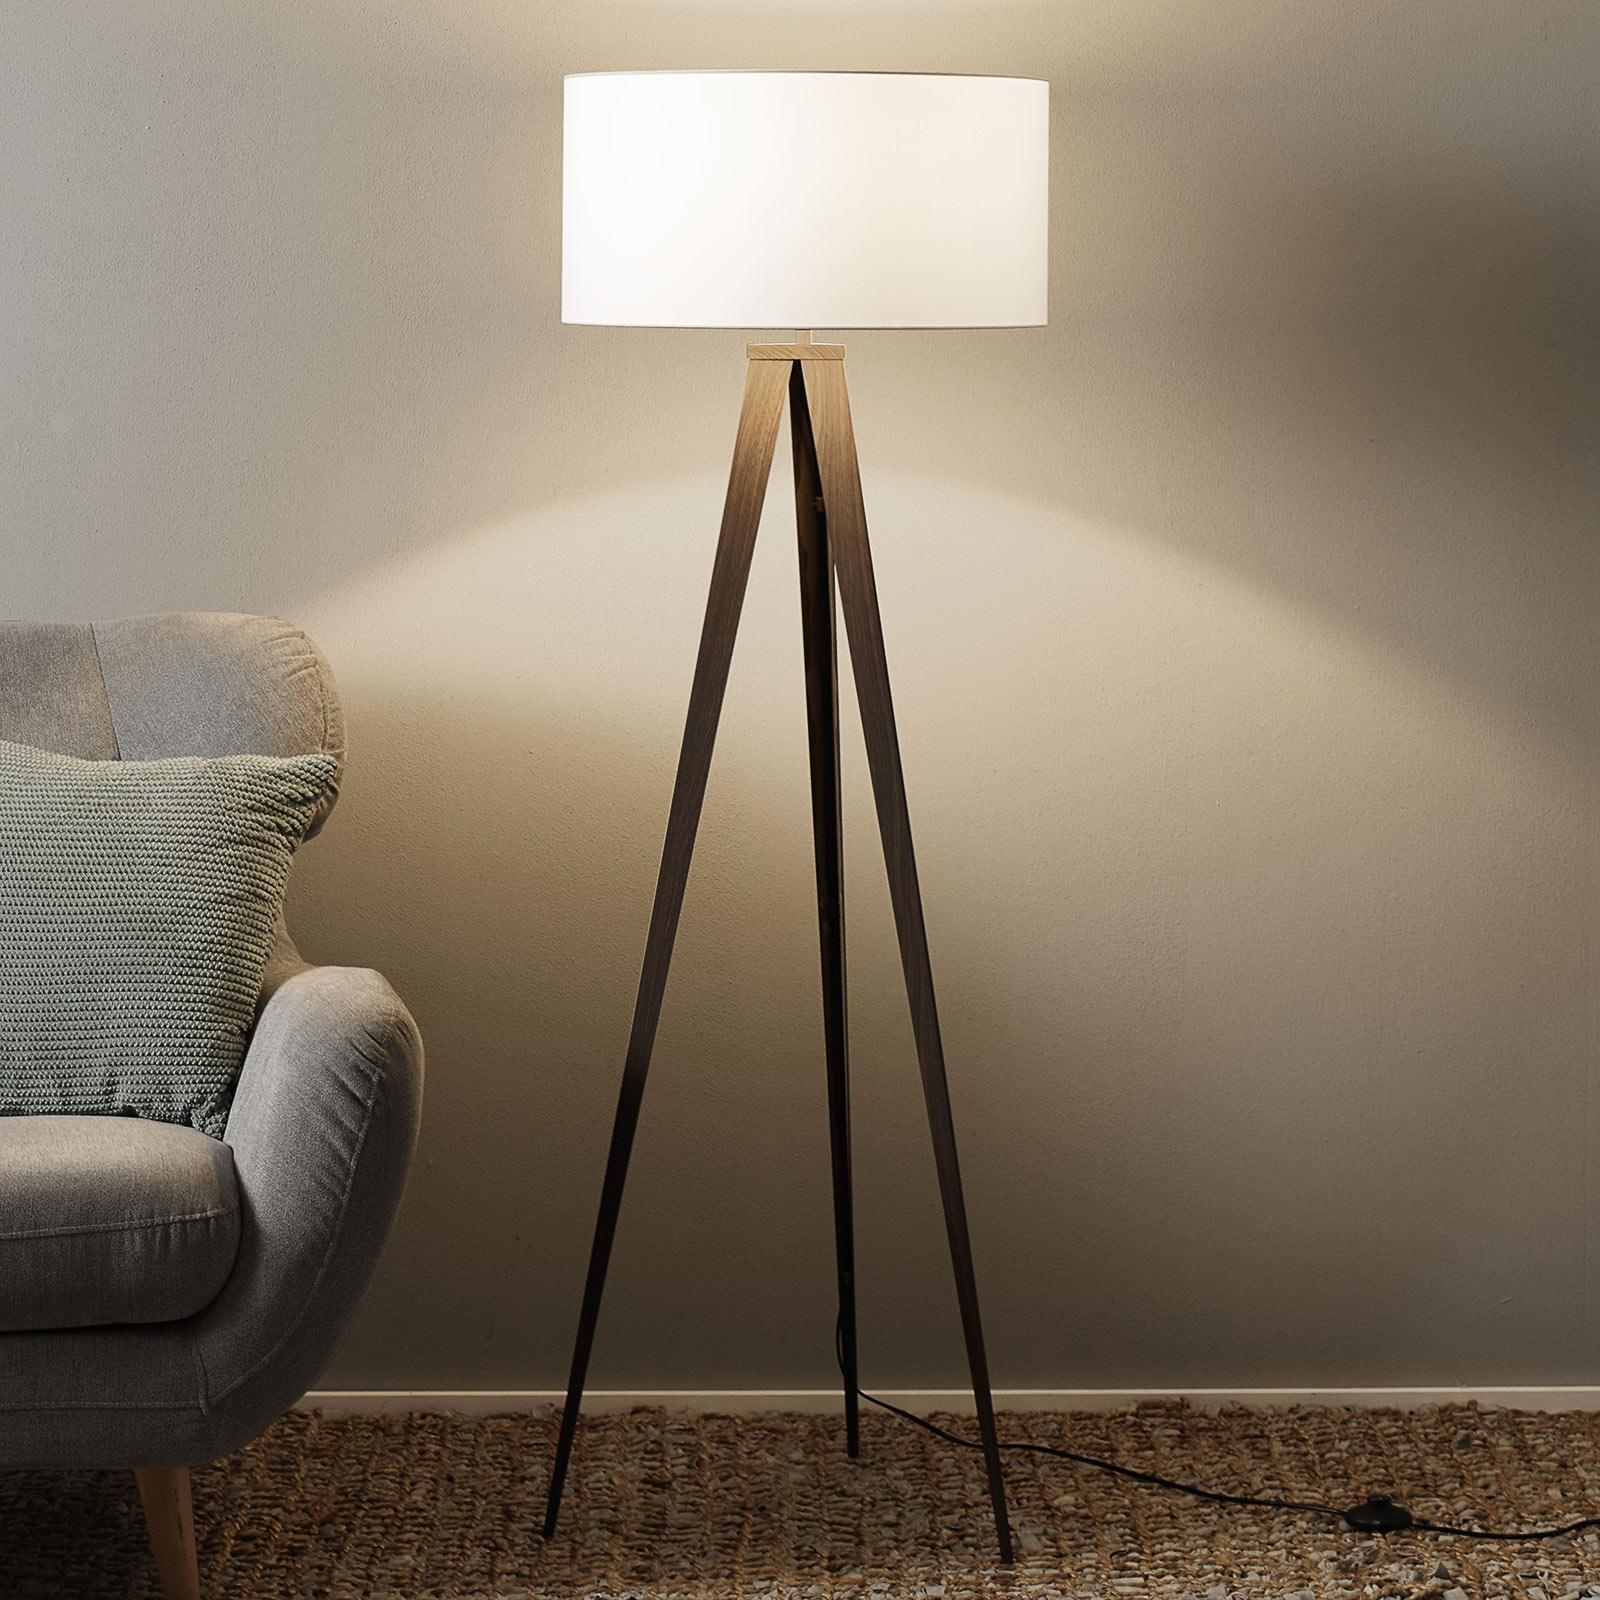 Trojnohá stojací lampa Benik, vlašský ořech